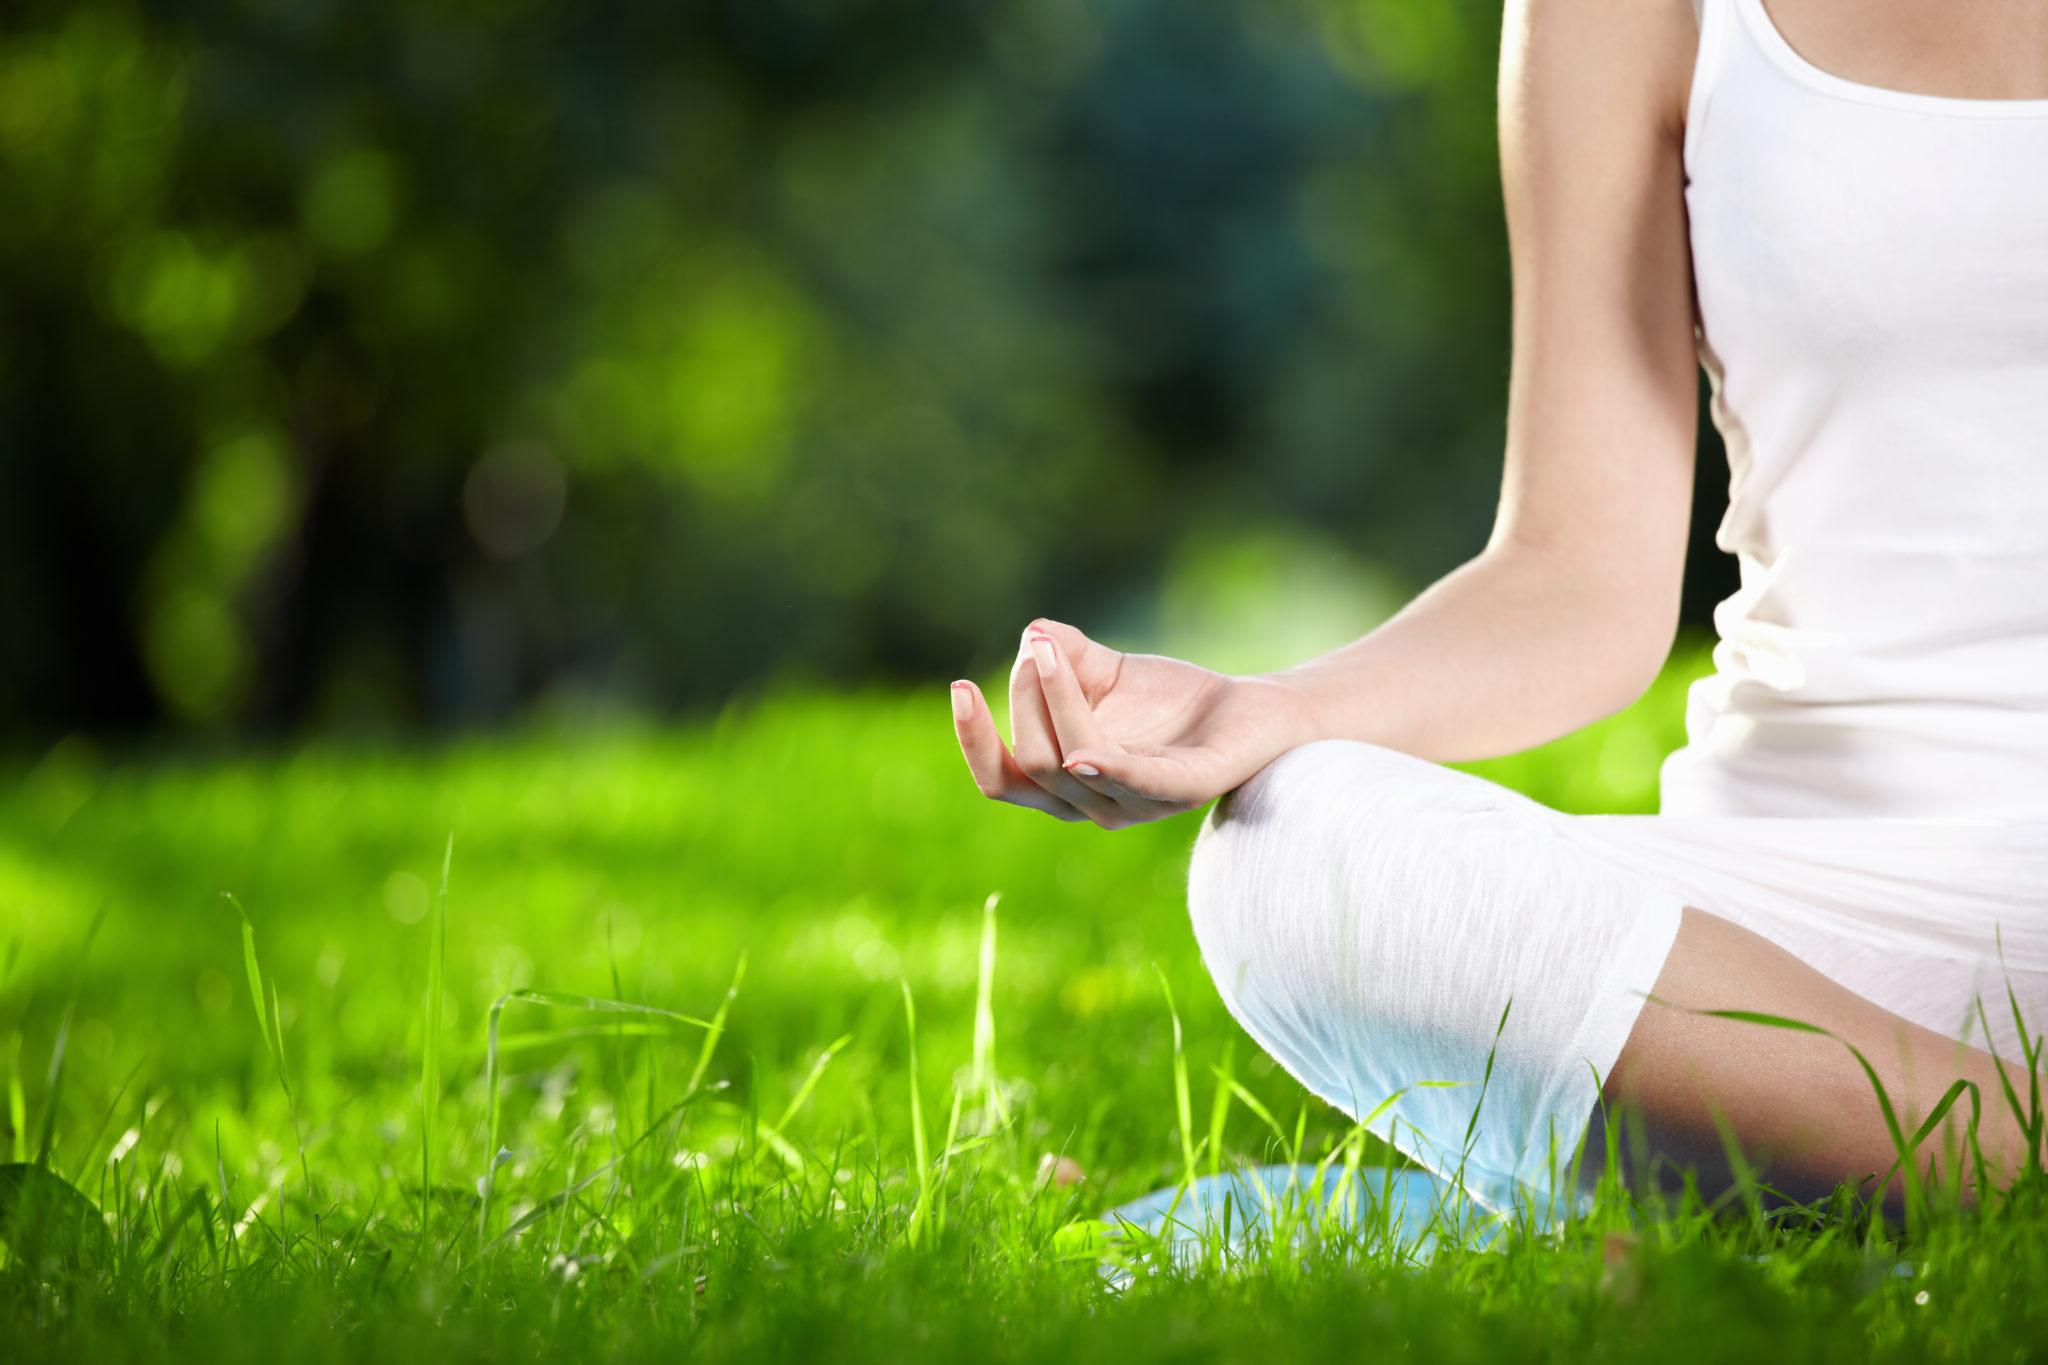 Mit-Yoga-den-Weg-finden-und-sich-selsbt-kennenlernen